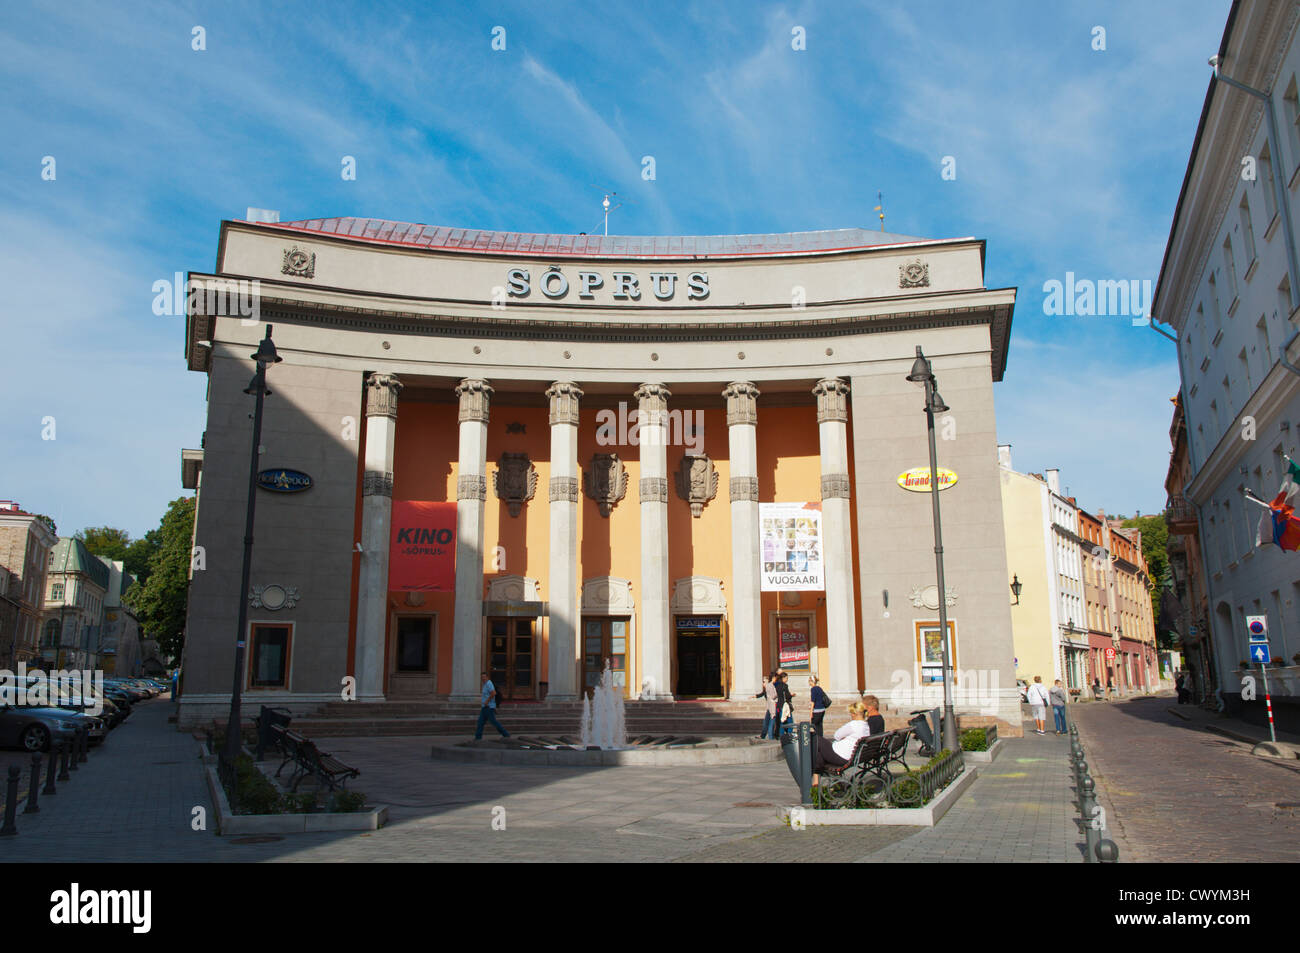 Stalinist era building now housing Soprus cinema old townTallinn Estonia Europe Stock Photo